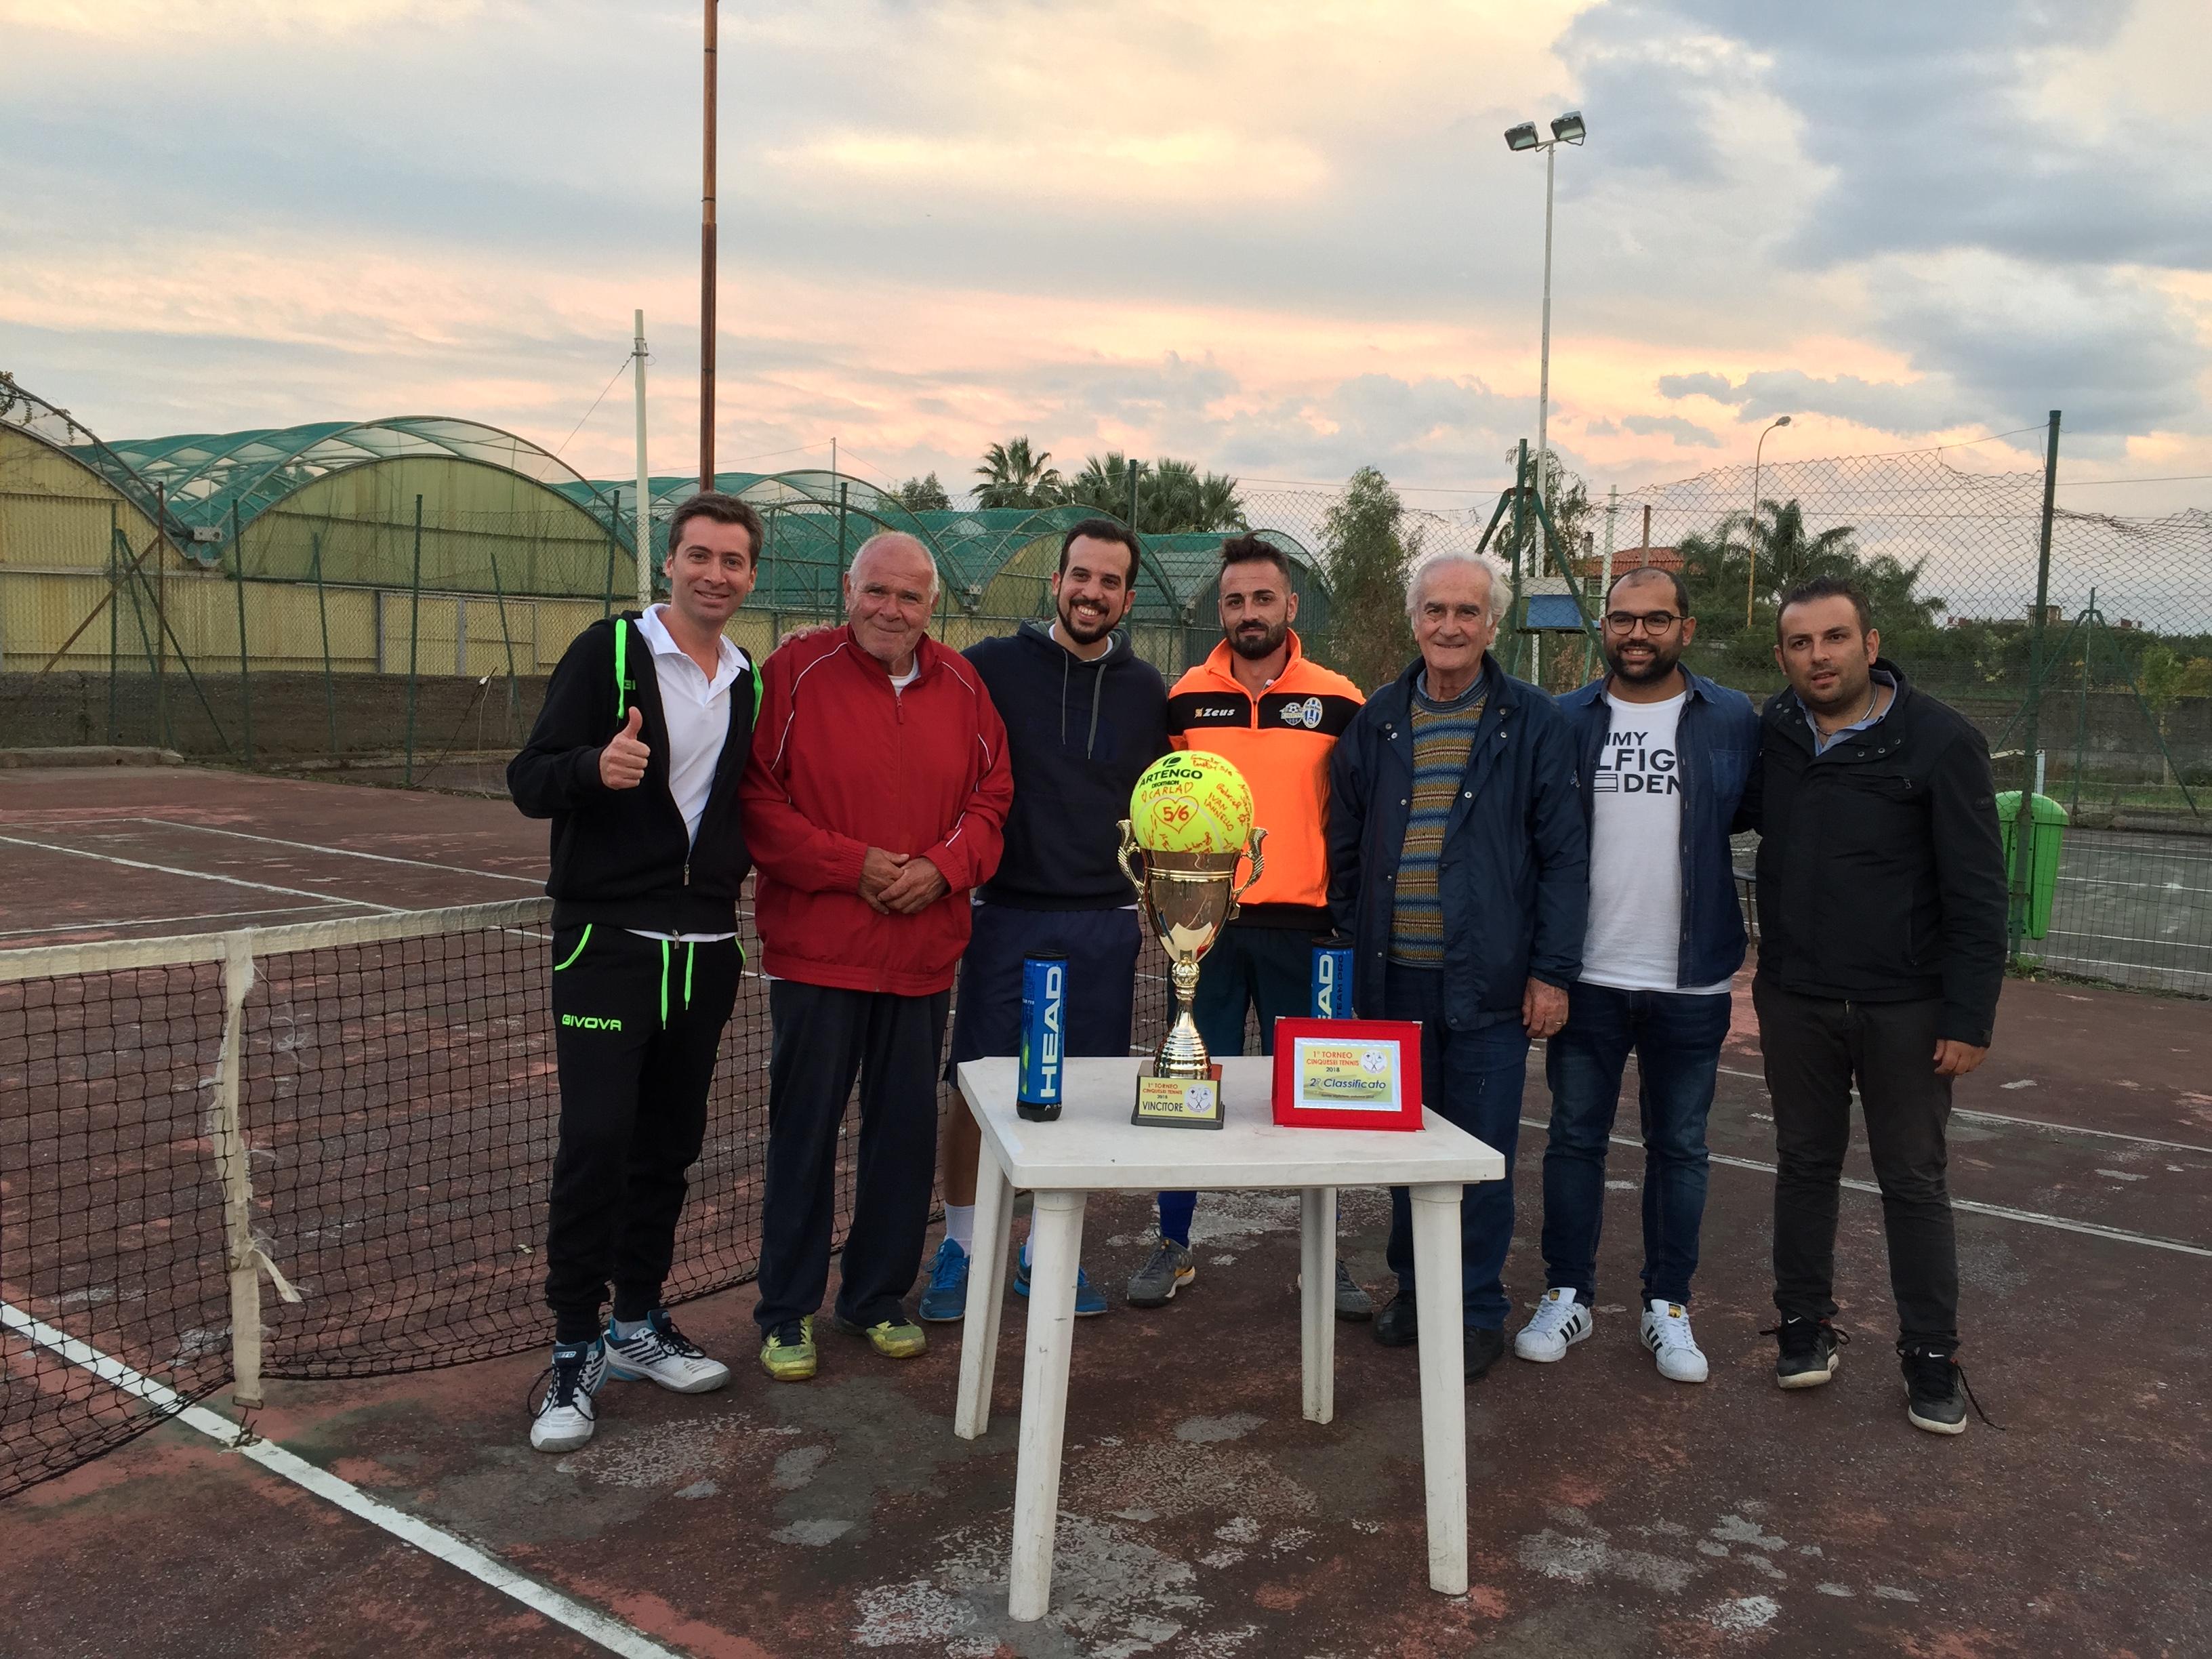 Terme Vigliatore. Successo per il 1° Torneo di Tennis Cinquesei, 30 partecipanti ieri la finale